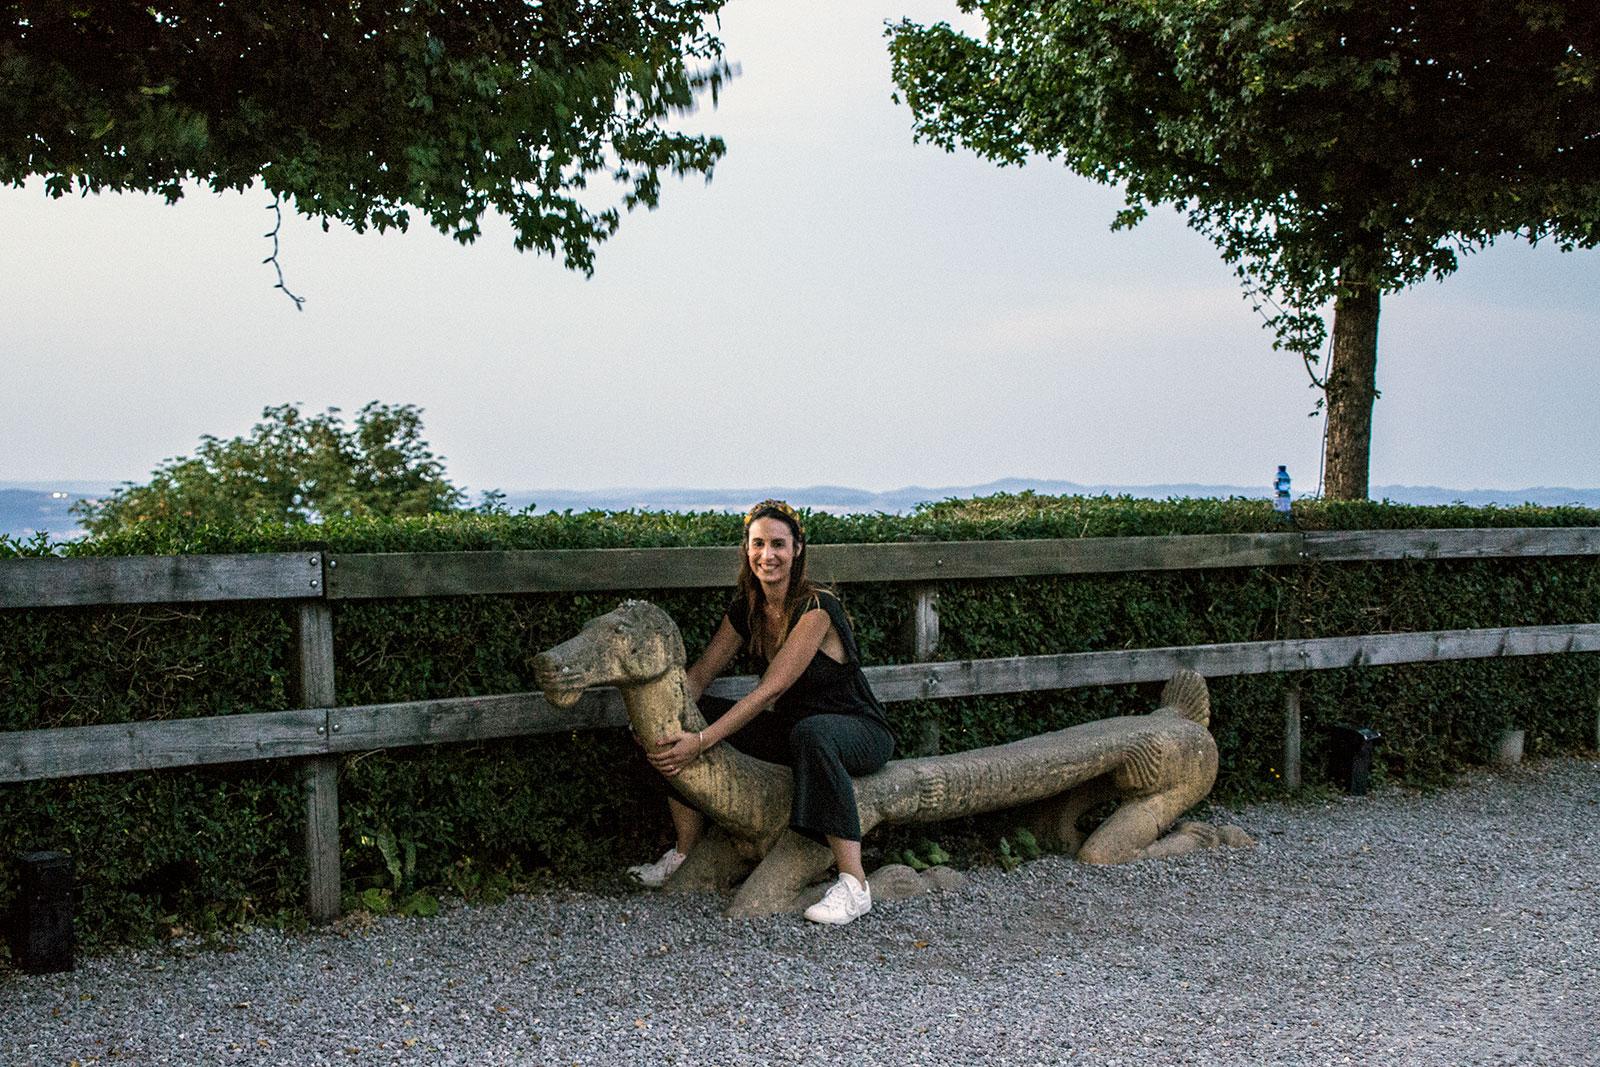 Nerea sentada en un banco-perro - qué ver en Zúrich